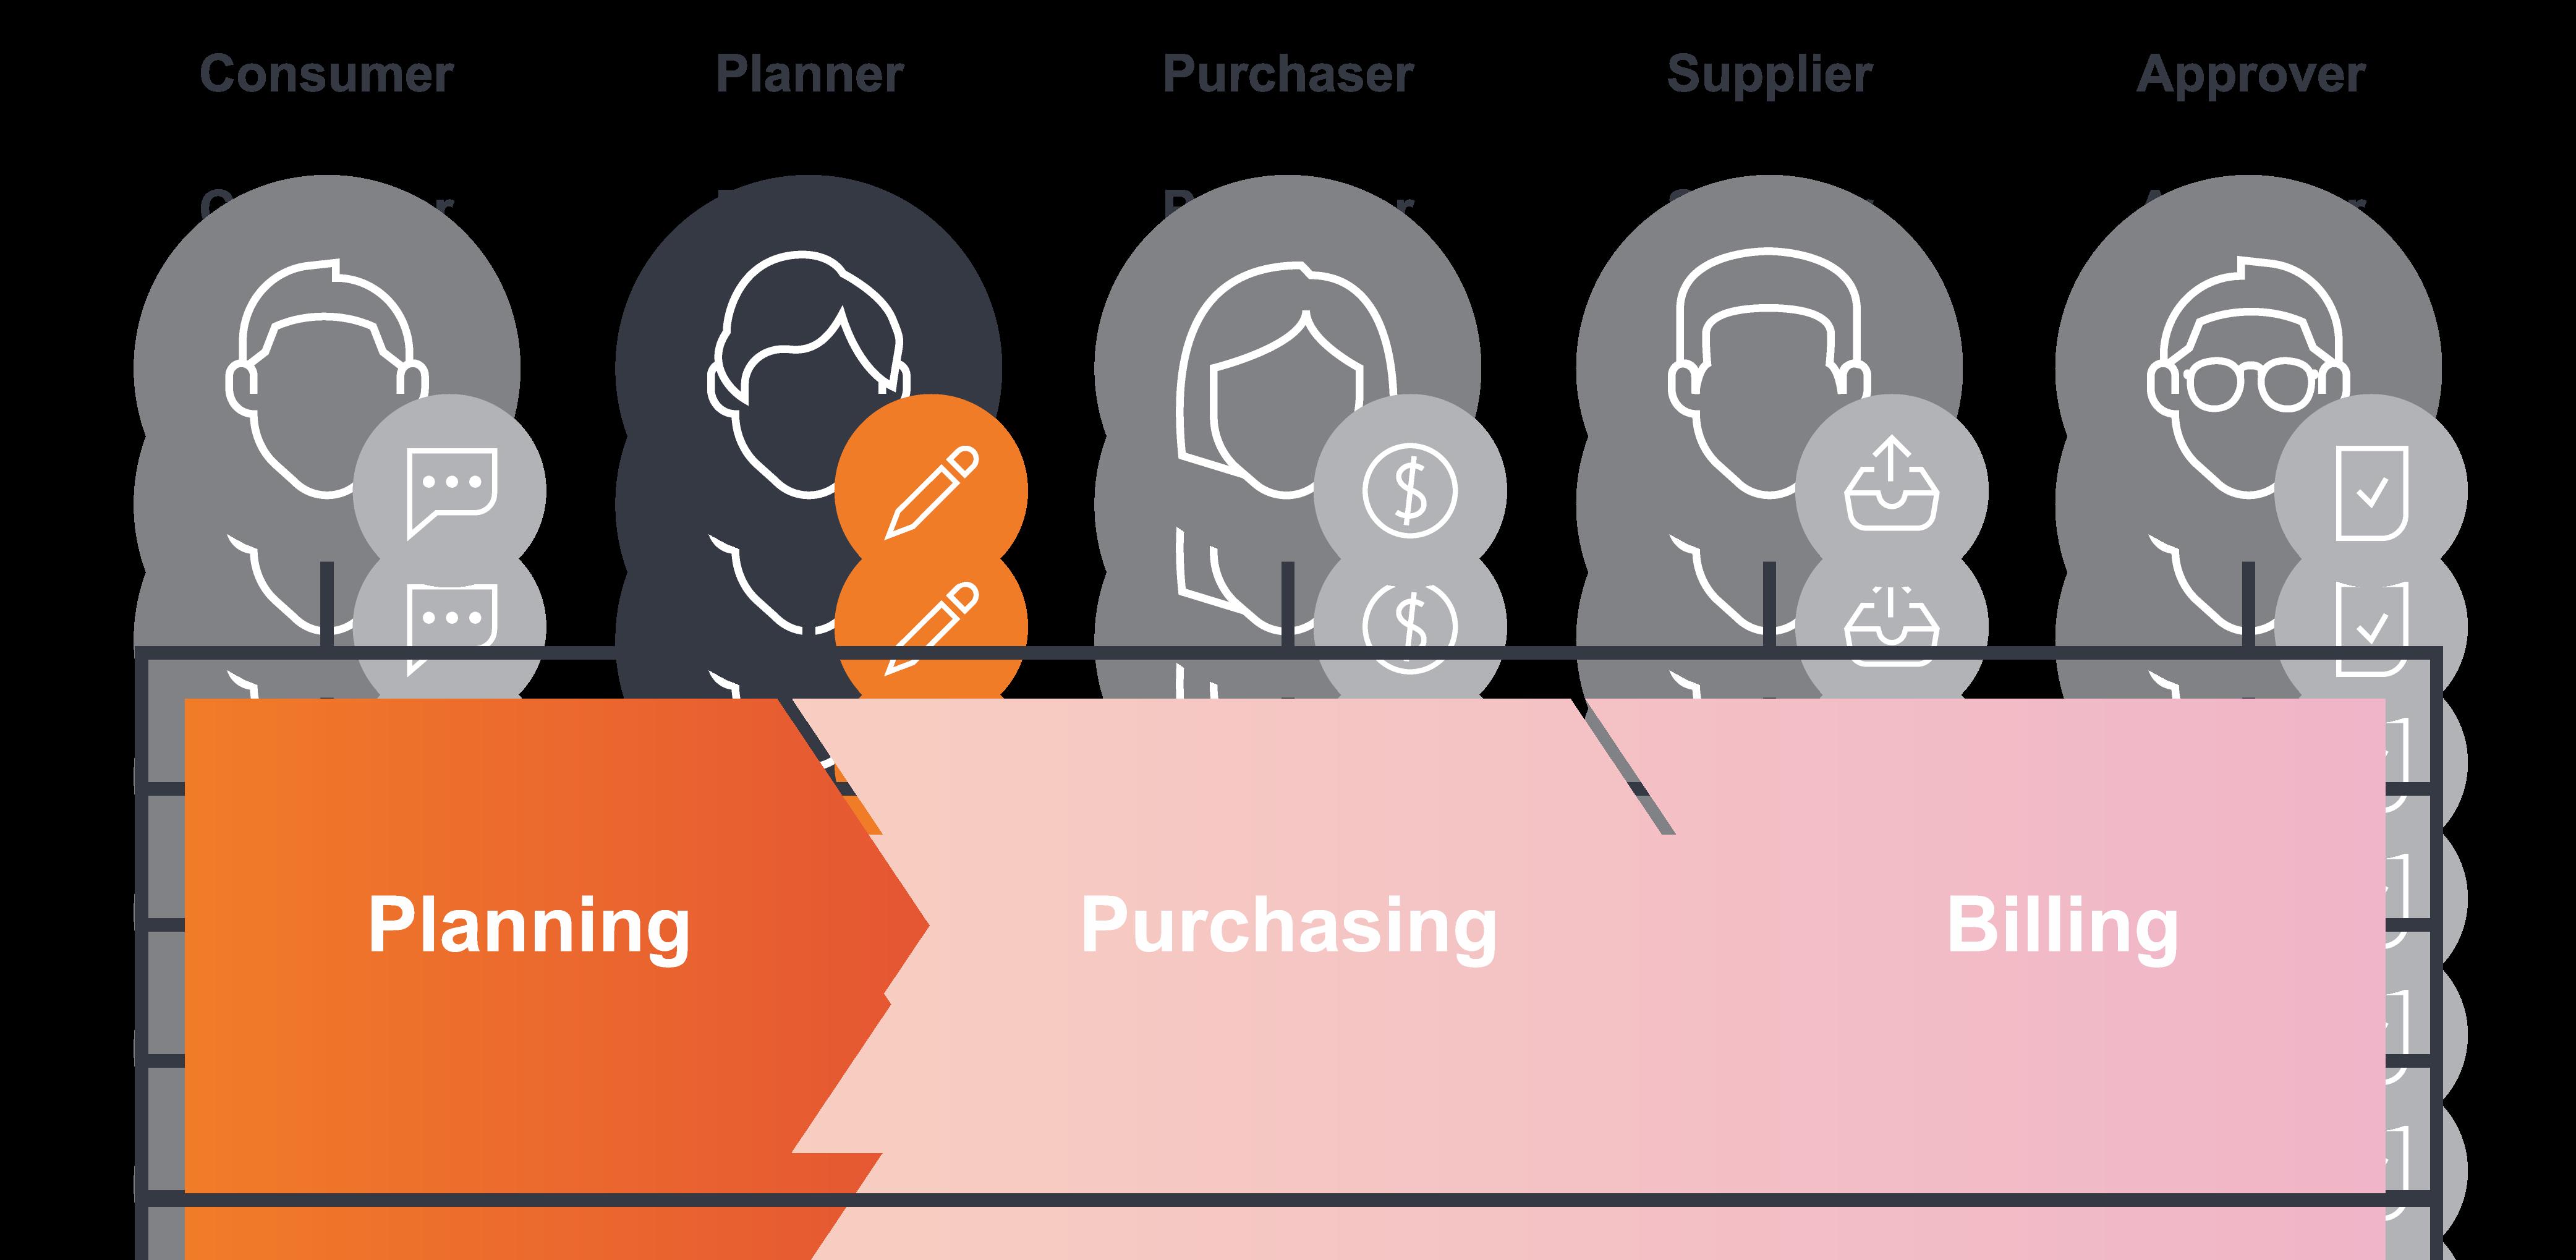 Stakeholder FUTURA - Planner